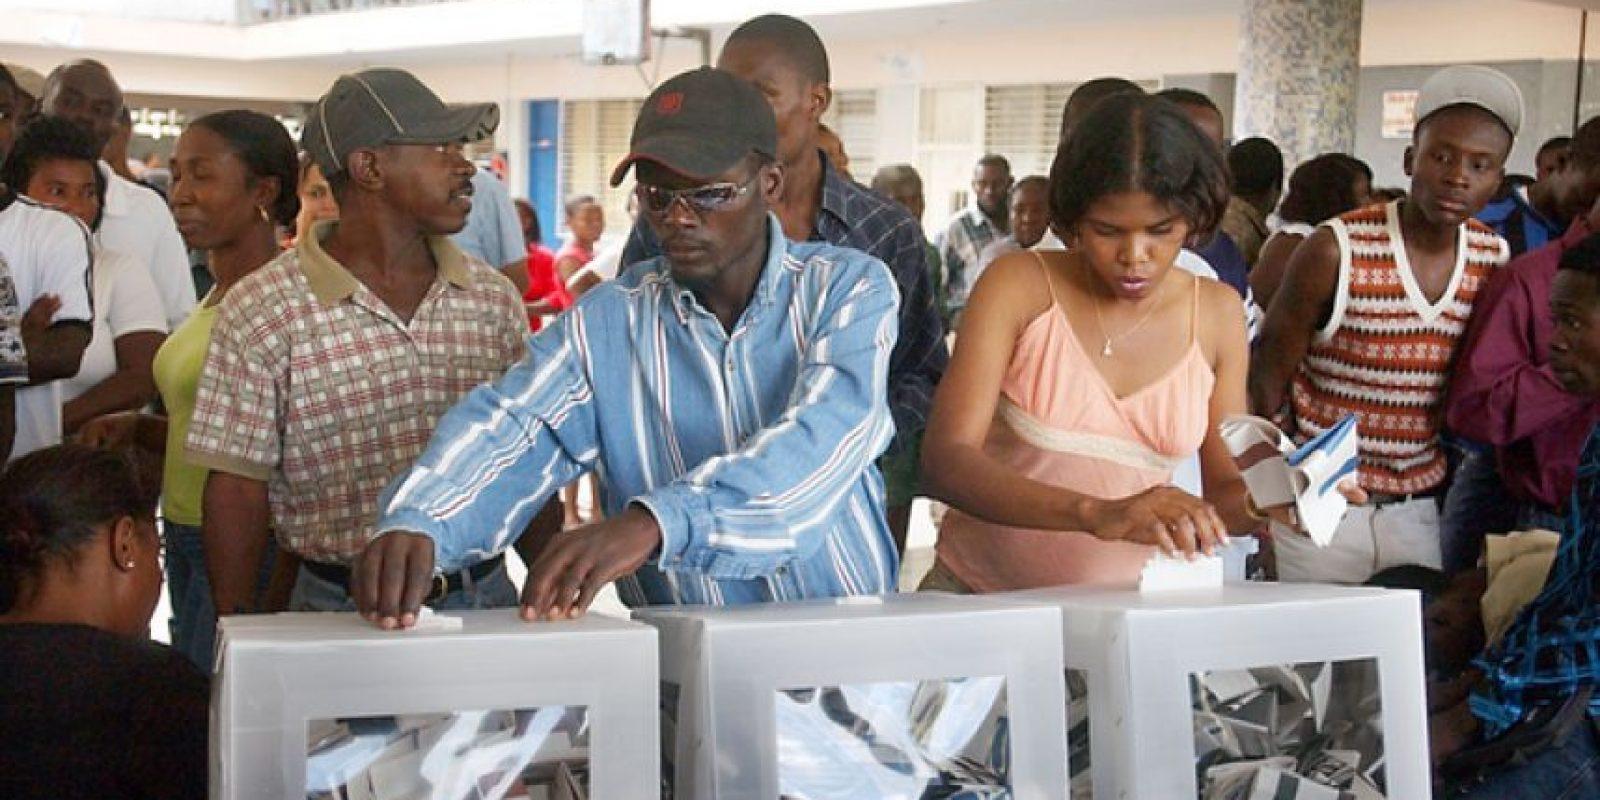 """Segunda vuelta electoral de Haití: Dentro de 12 días el Gobierno haitiano realizará la segunda vuelta electoral de las presidenciales, según informó el pasado viernes el presidente Michel Martelly, quien concluirá su gestión de cinco años el próximo 7 de febrero. Aunque la Comisión Independiente de Evaluación Electoral denunció """"serias irregularidades"""" en la primera vuelta de las elecciones presidenciales y la segunda ronda de las legislativas, celebradas el 25 de octubre pasado, el pueblo haitiano se prepara para elegir en este nuevo año a un nuevo Jefe de Estado. Varios puntos de la agenda bilateral con República Dominicana quedan en expectativa y un tanto en incertidumbre, a la espera de la culminación del proceso en Haití. Foto:Foto: Fuente Externa"""